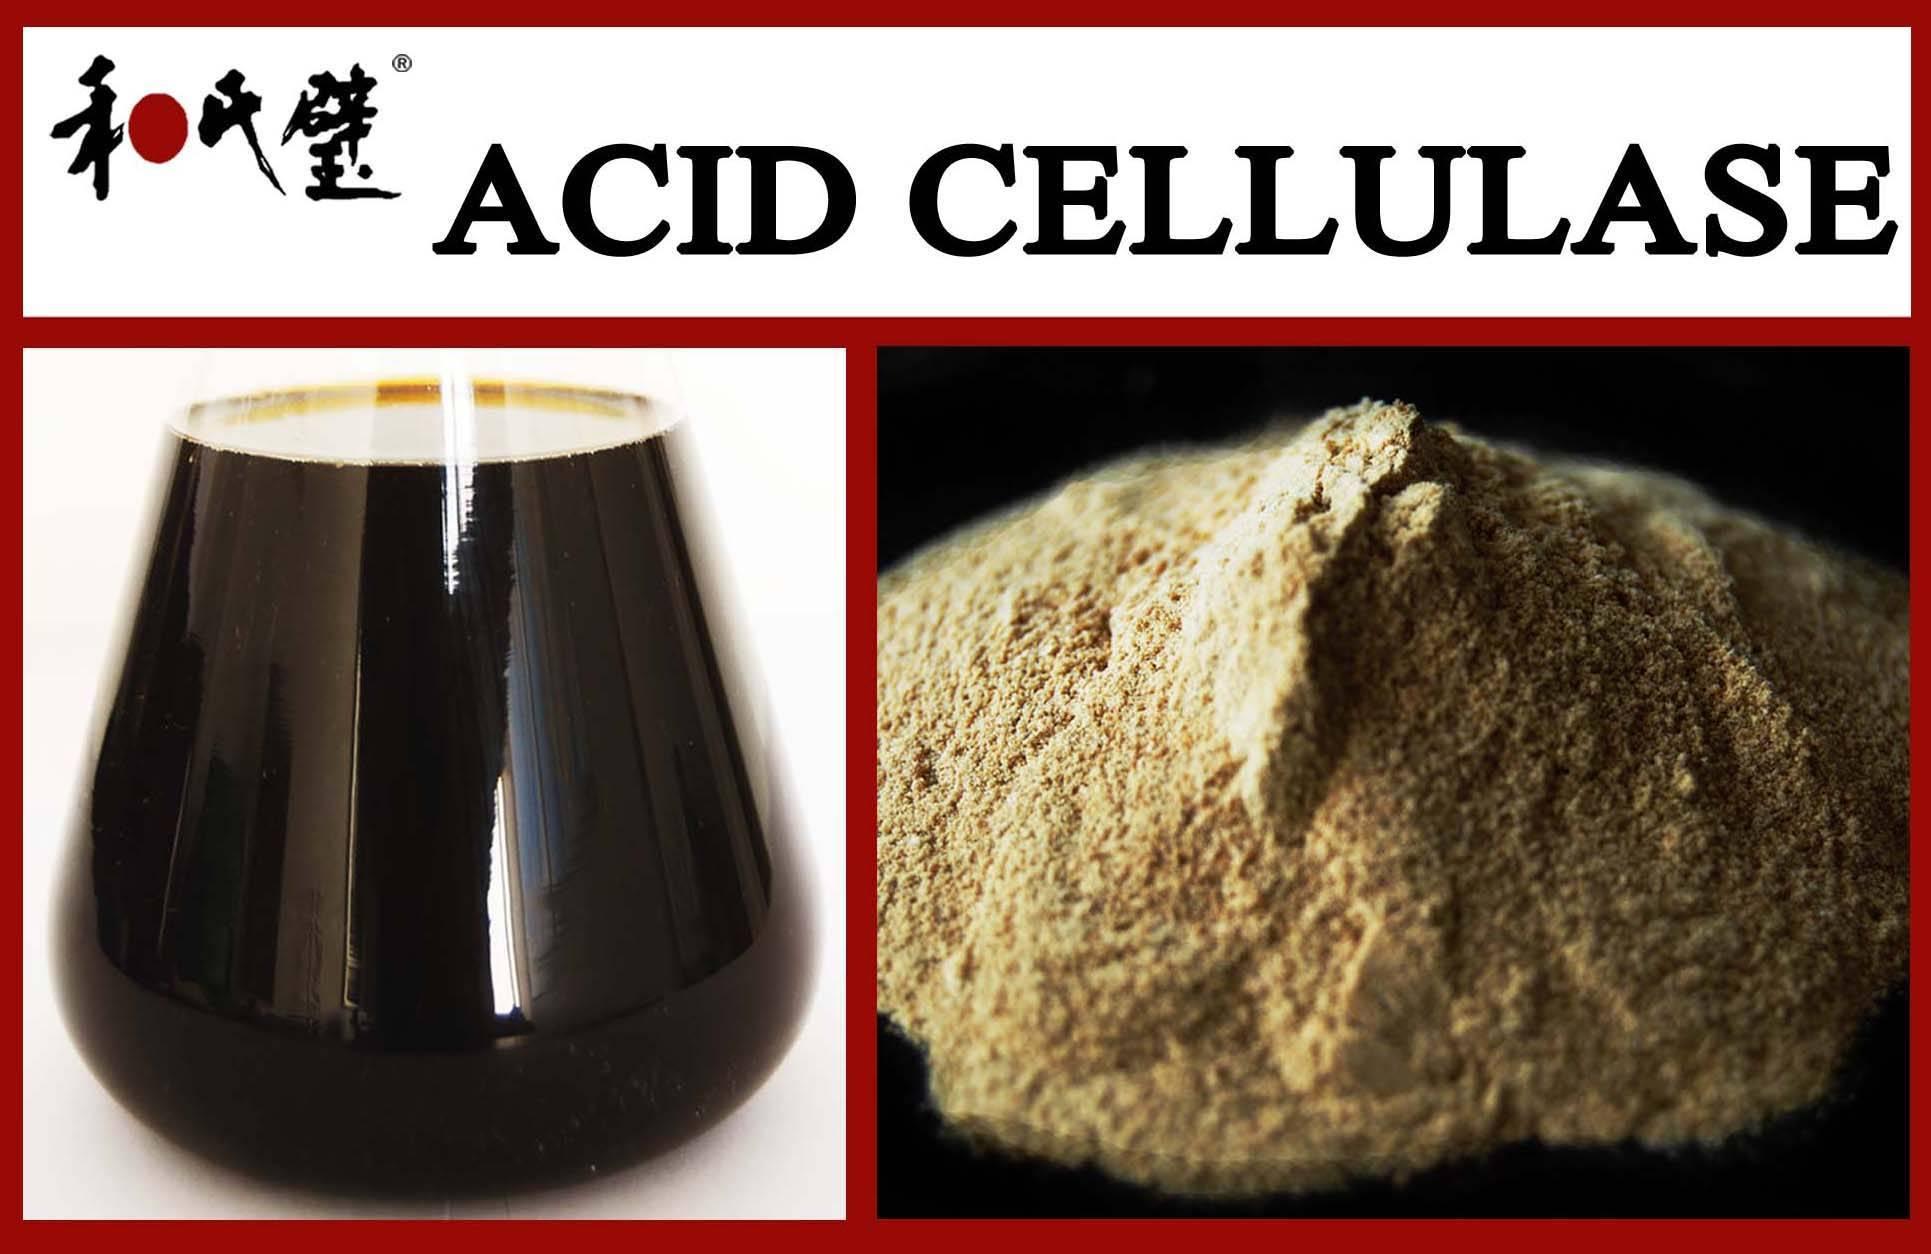 acid cellulase